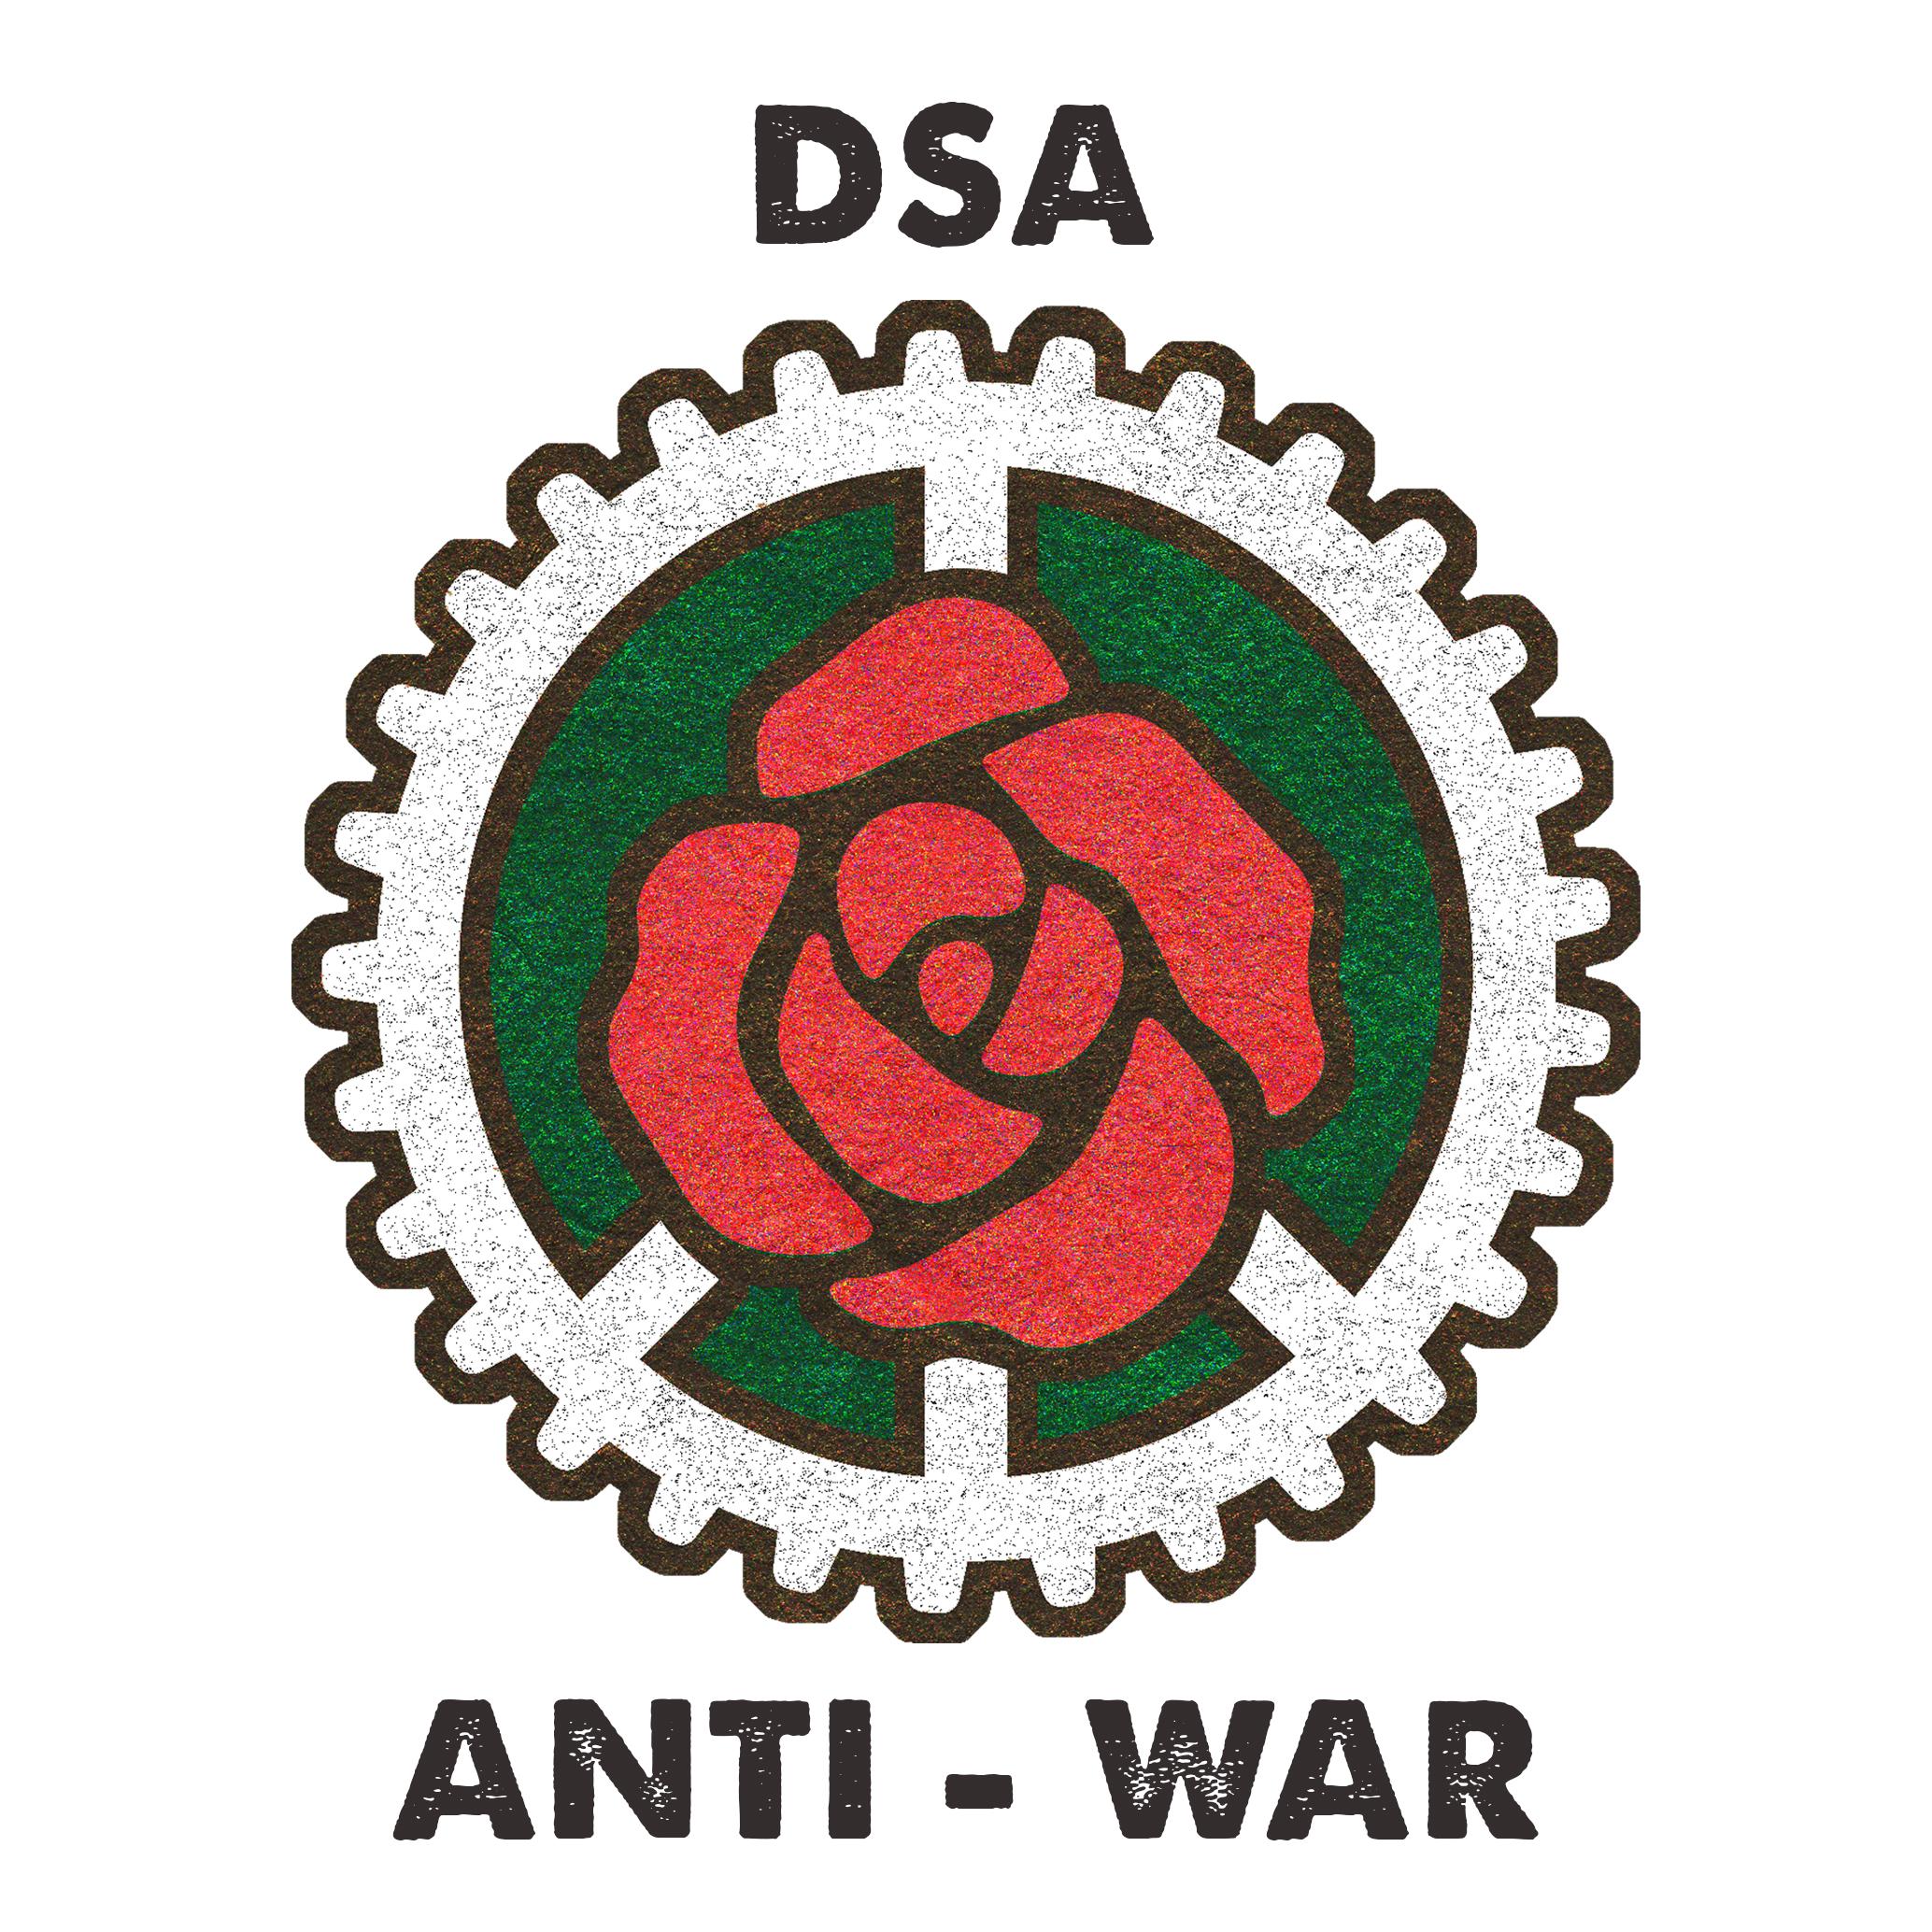 dsa_anti-war_logo[1].jpg